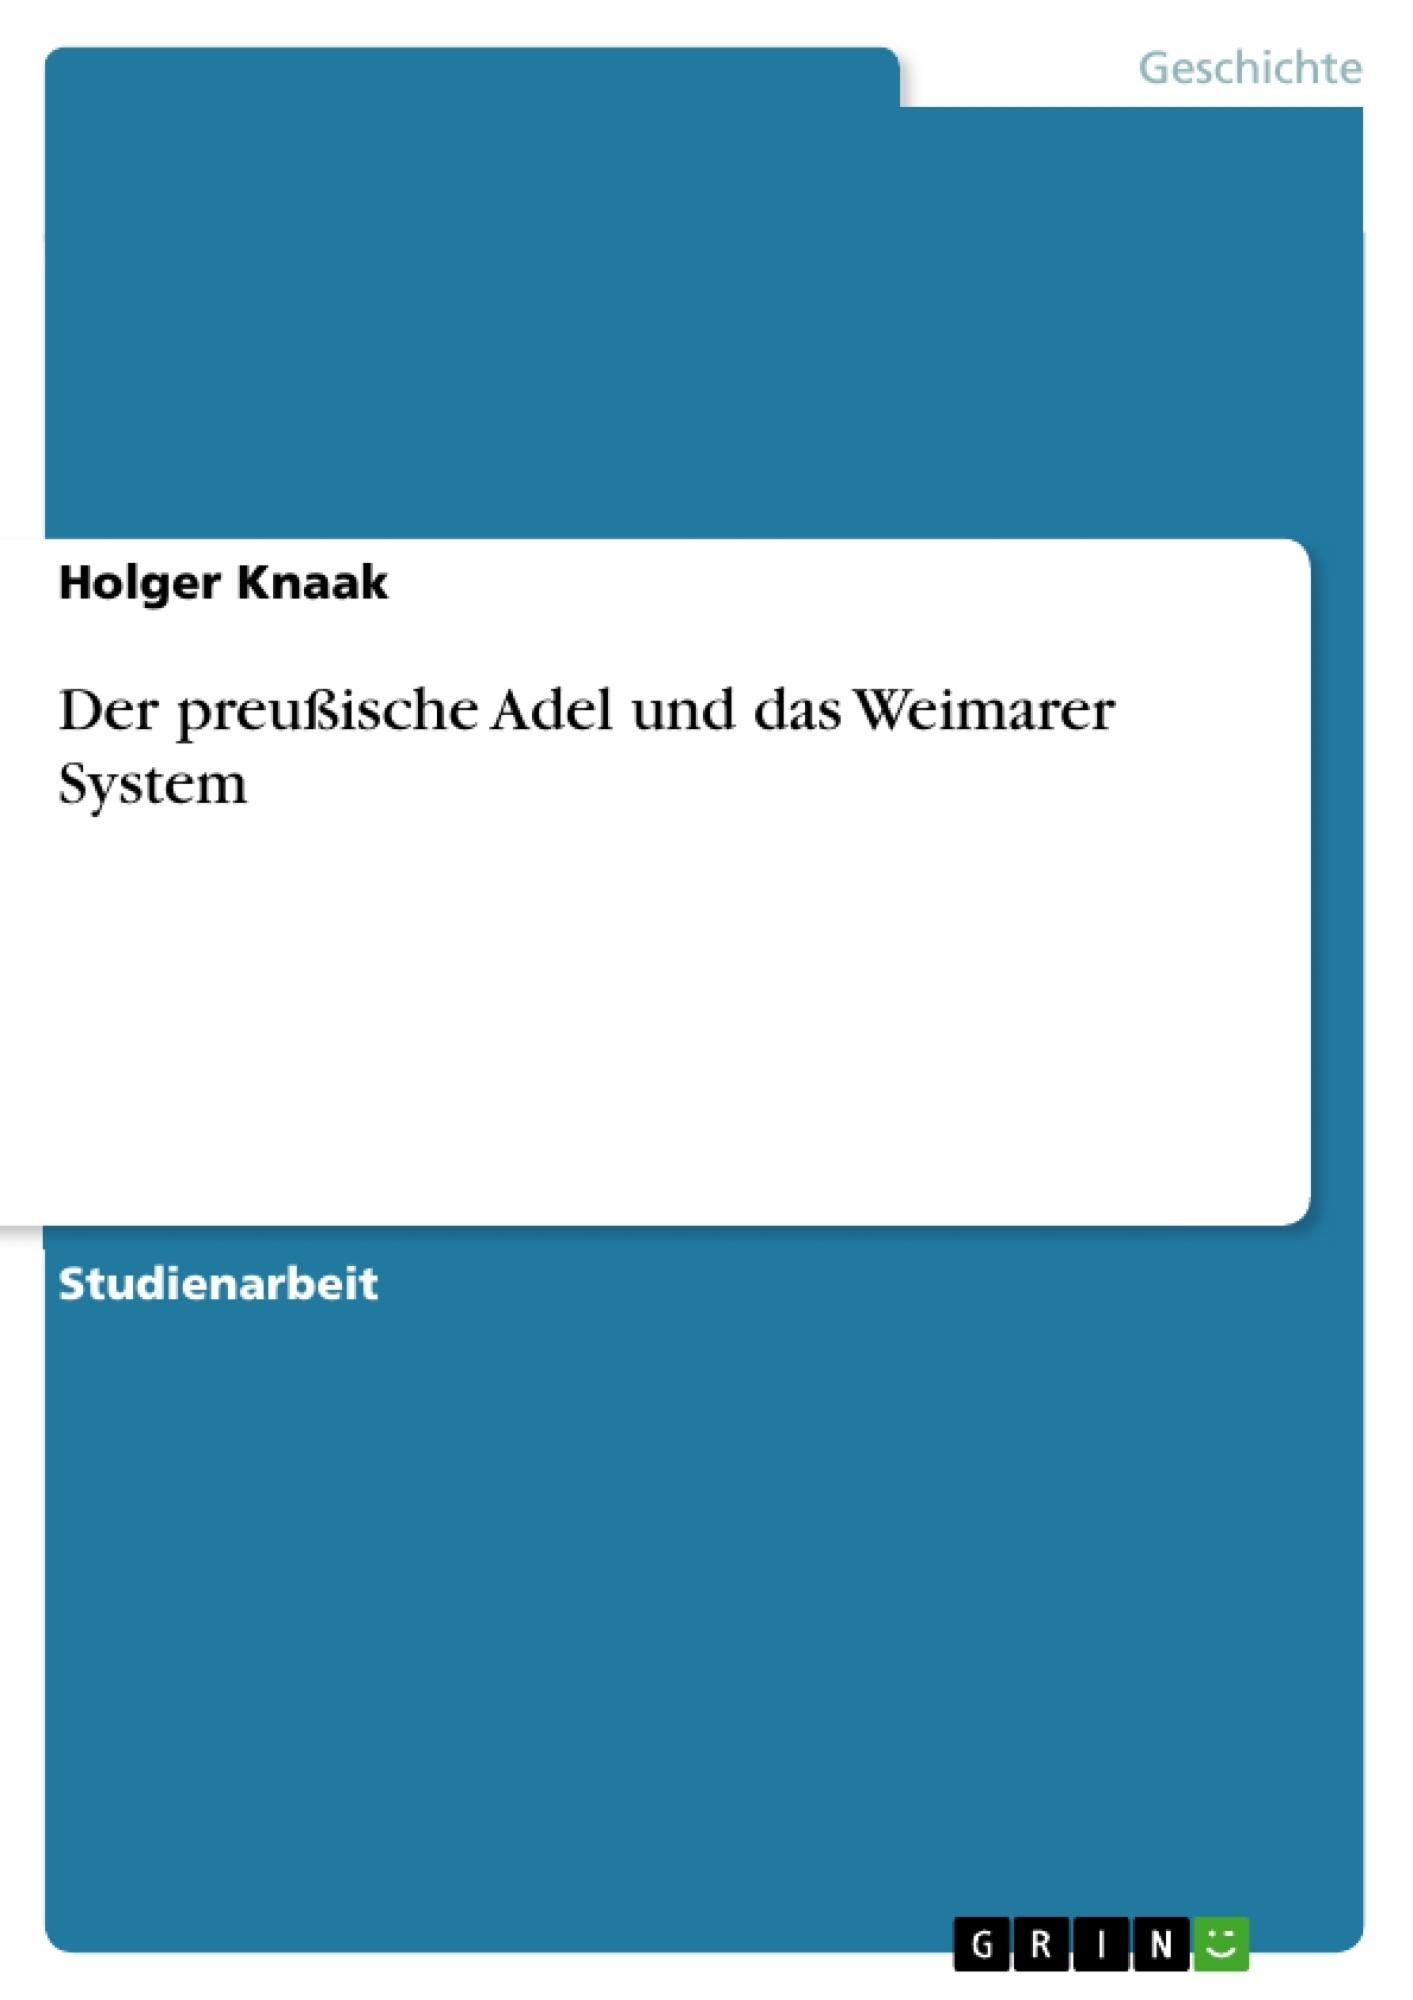 Titel: Der preußische Adel und das Weimarer System